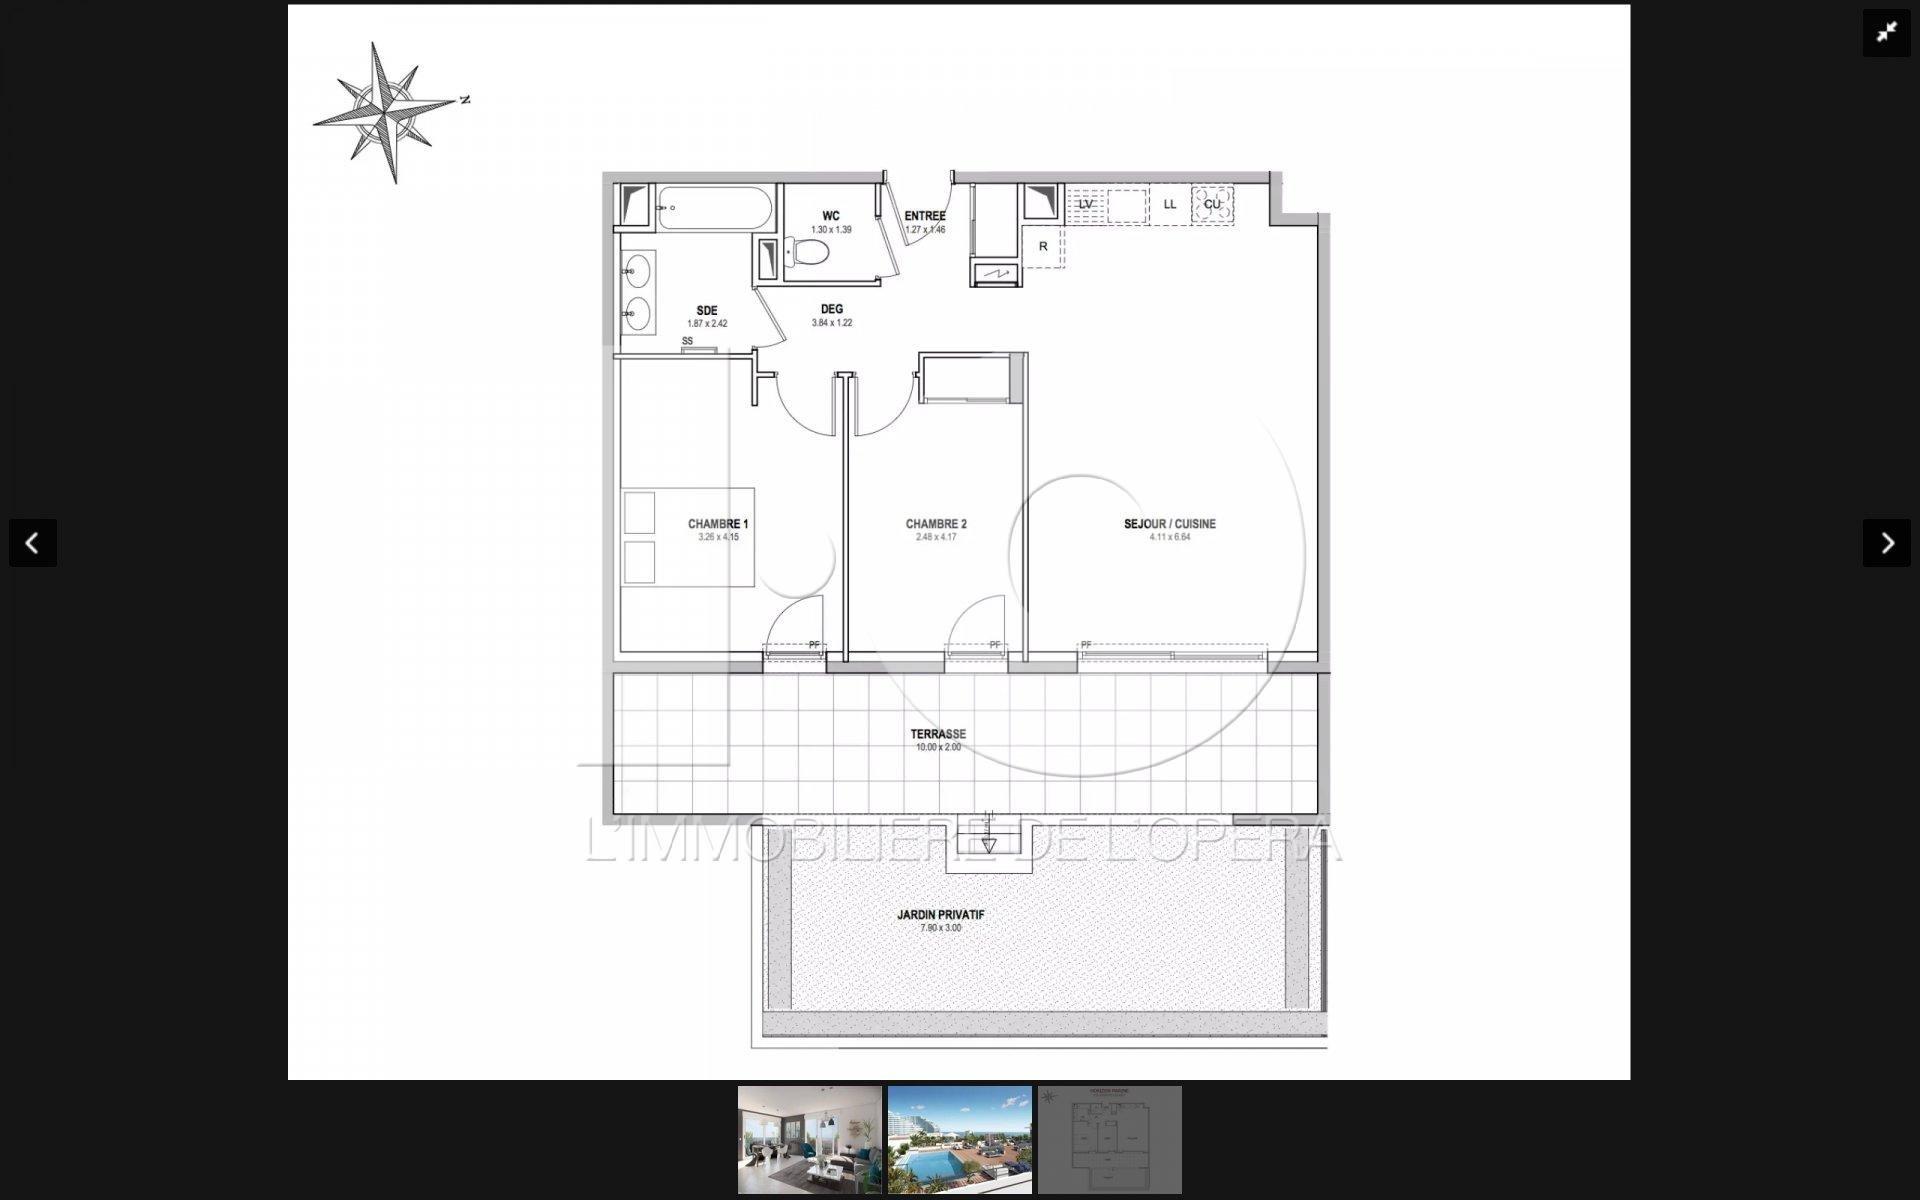 06 VILLENEUVE LOUBET - SUPERBE Appartement 3 pièces